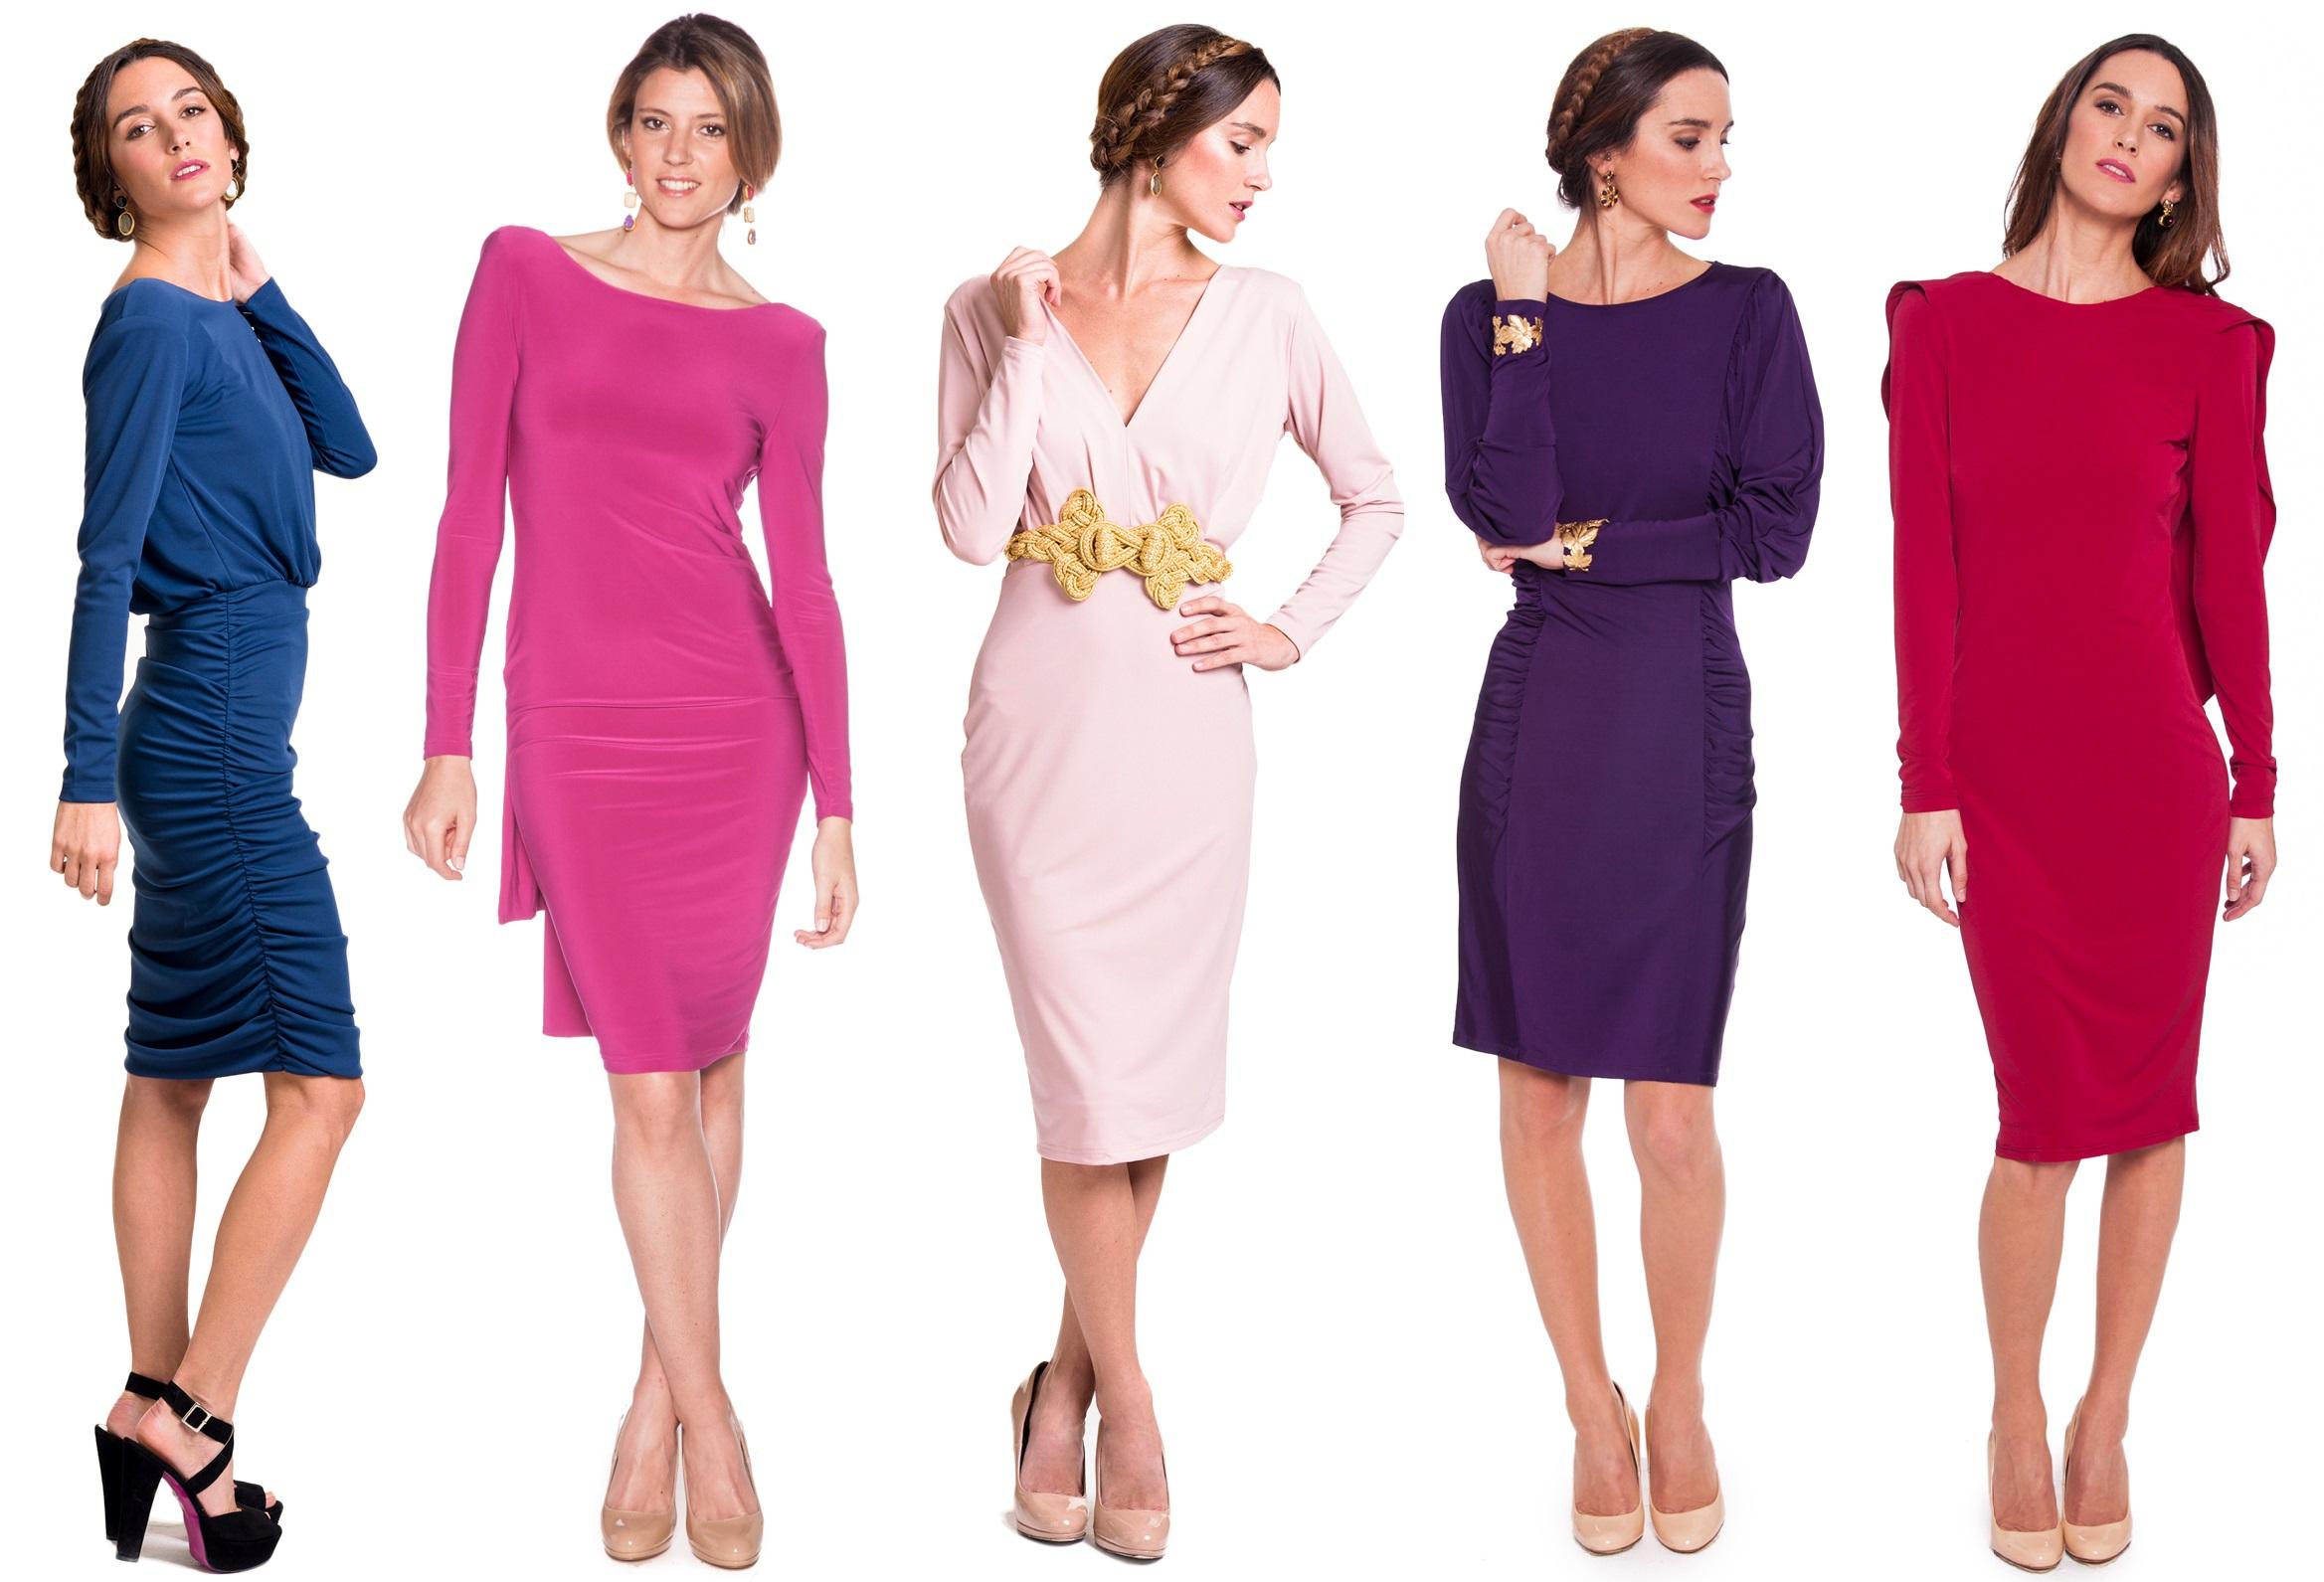 vestidos de manga larga de punto elástico de lamasmona.com